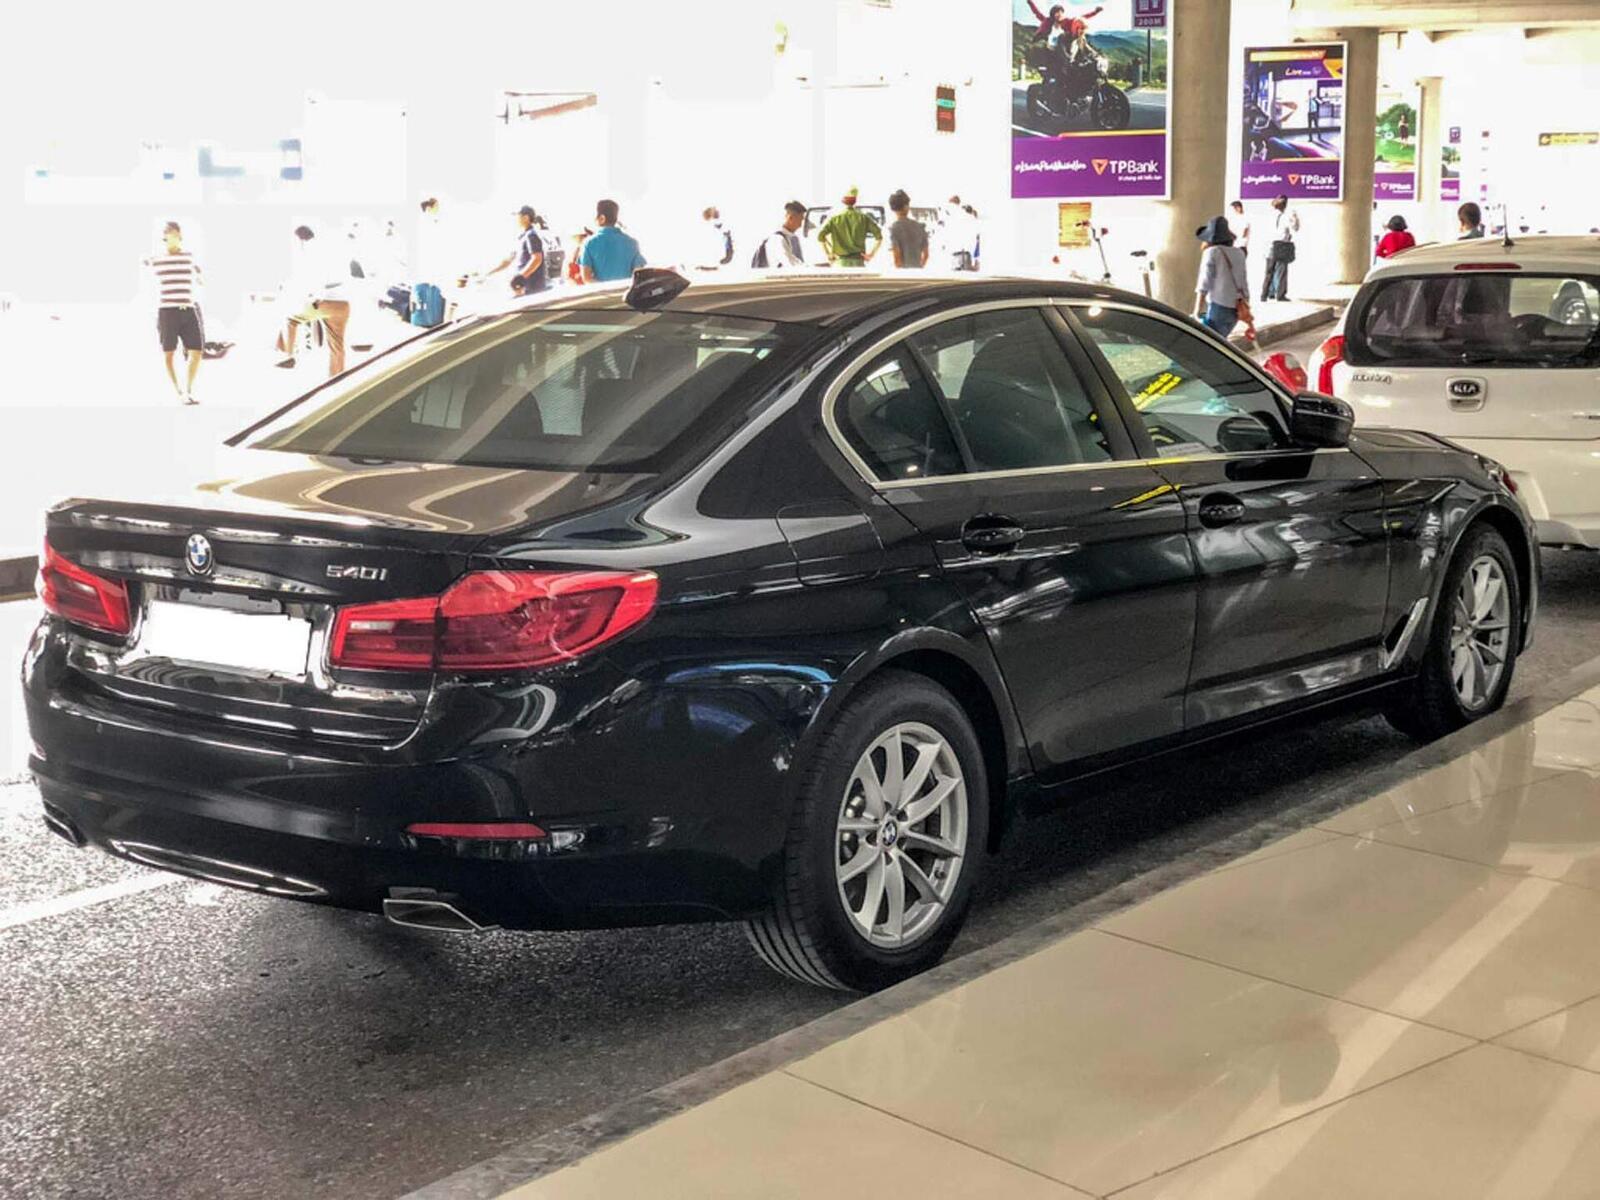 BMW 5 Series thế hệ hoàn toàn mới xuất hiện tại Hà Nội - Hình 2